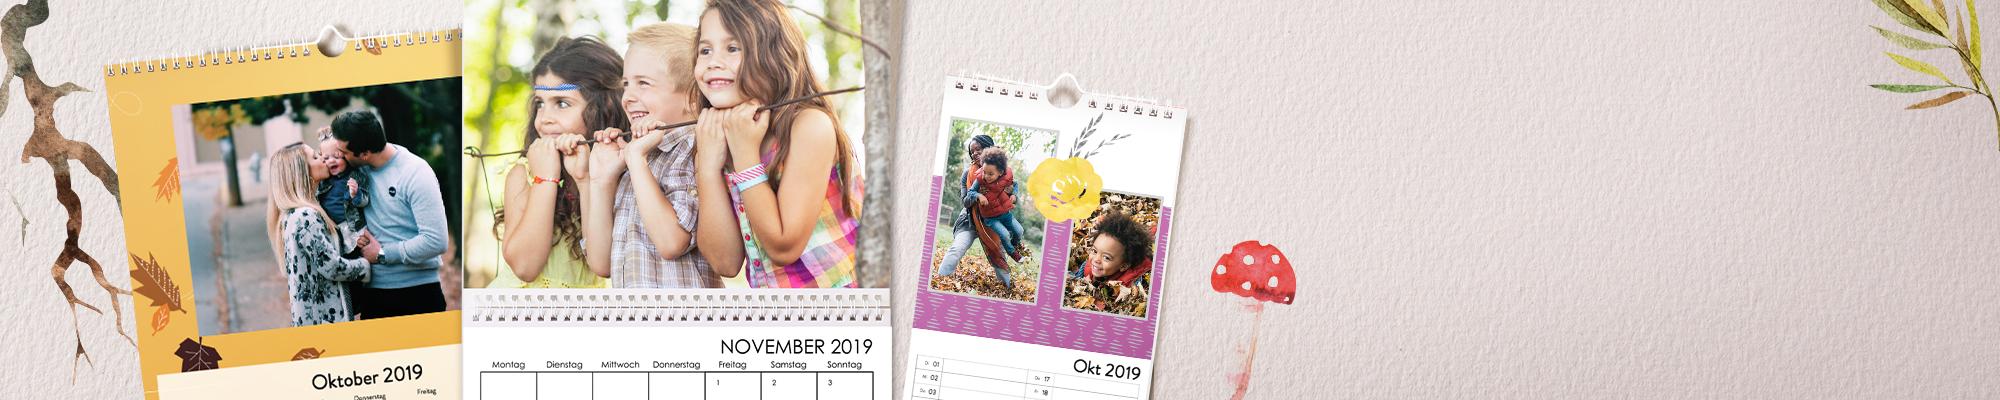 Individuelle Kalender 2019